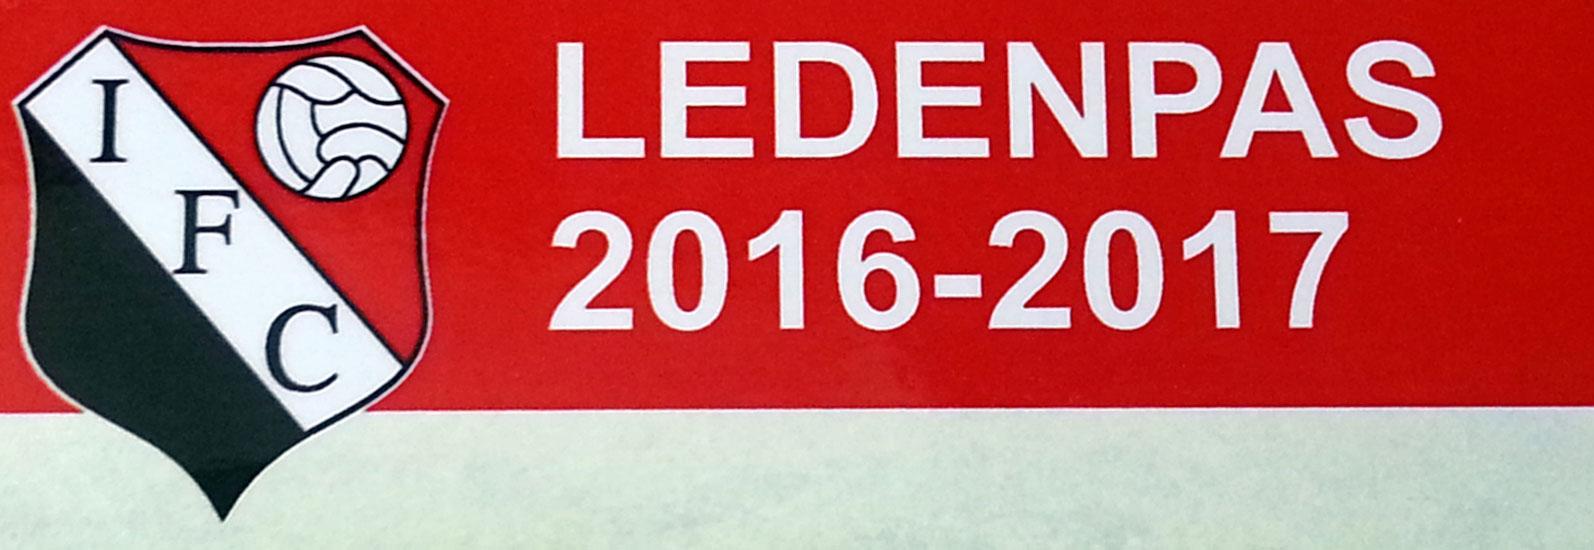 Ledenpas-IFC-2016-2017